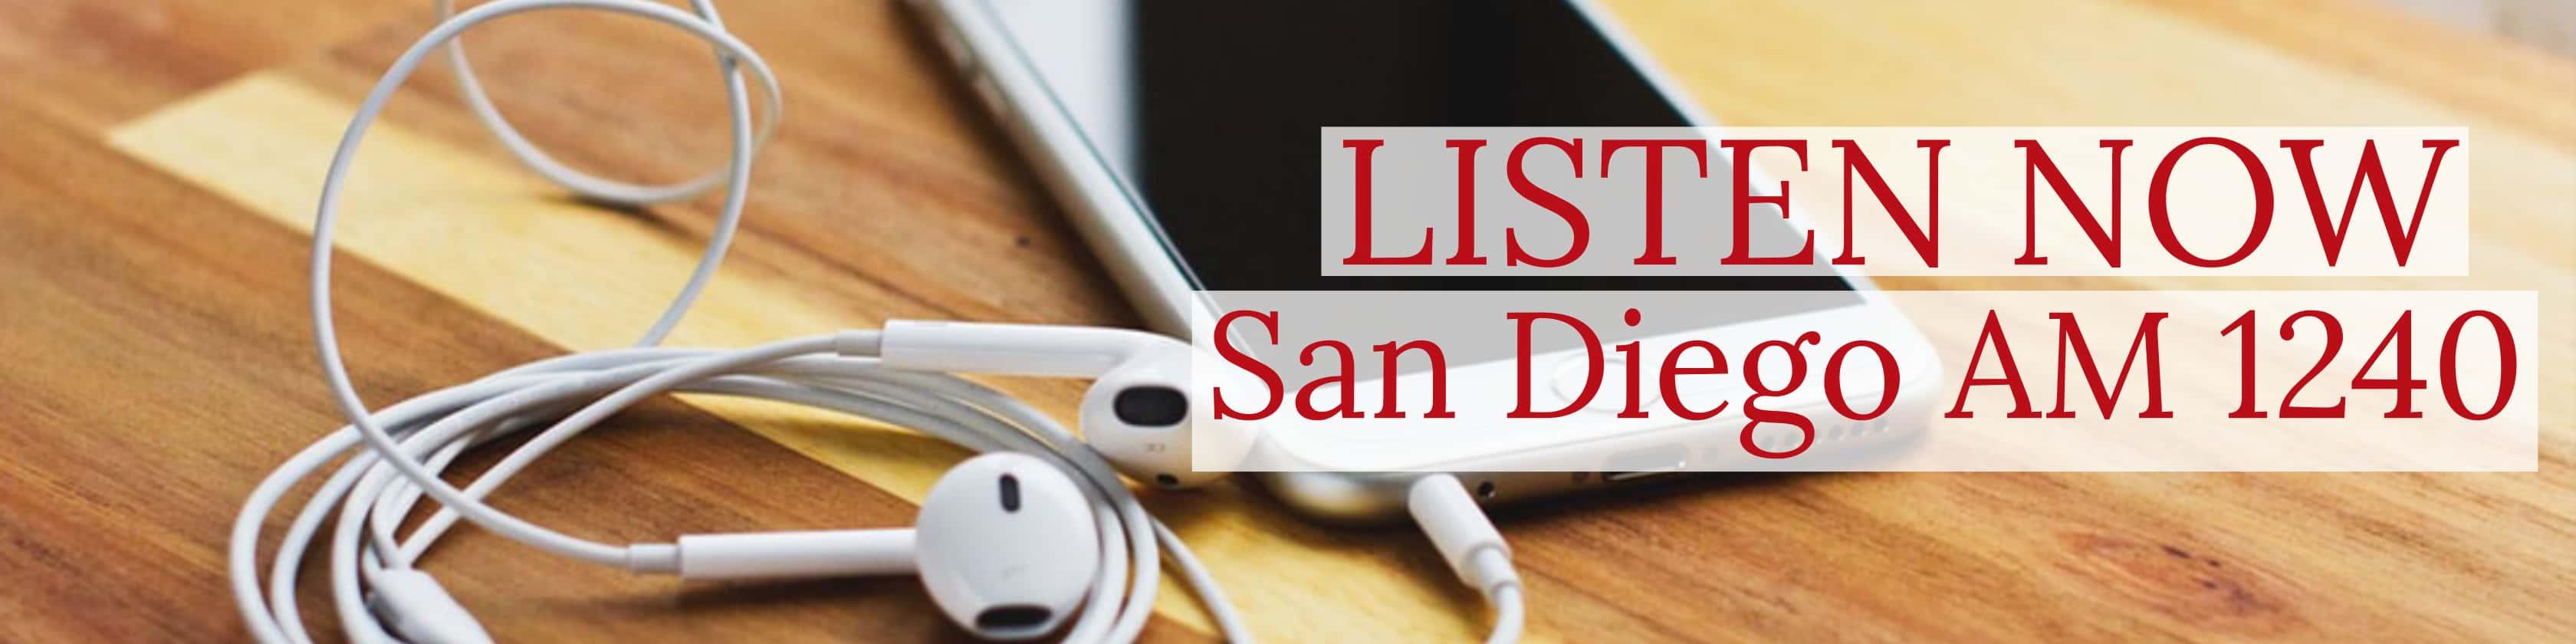 Listen Now KNSN 1240 AM